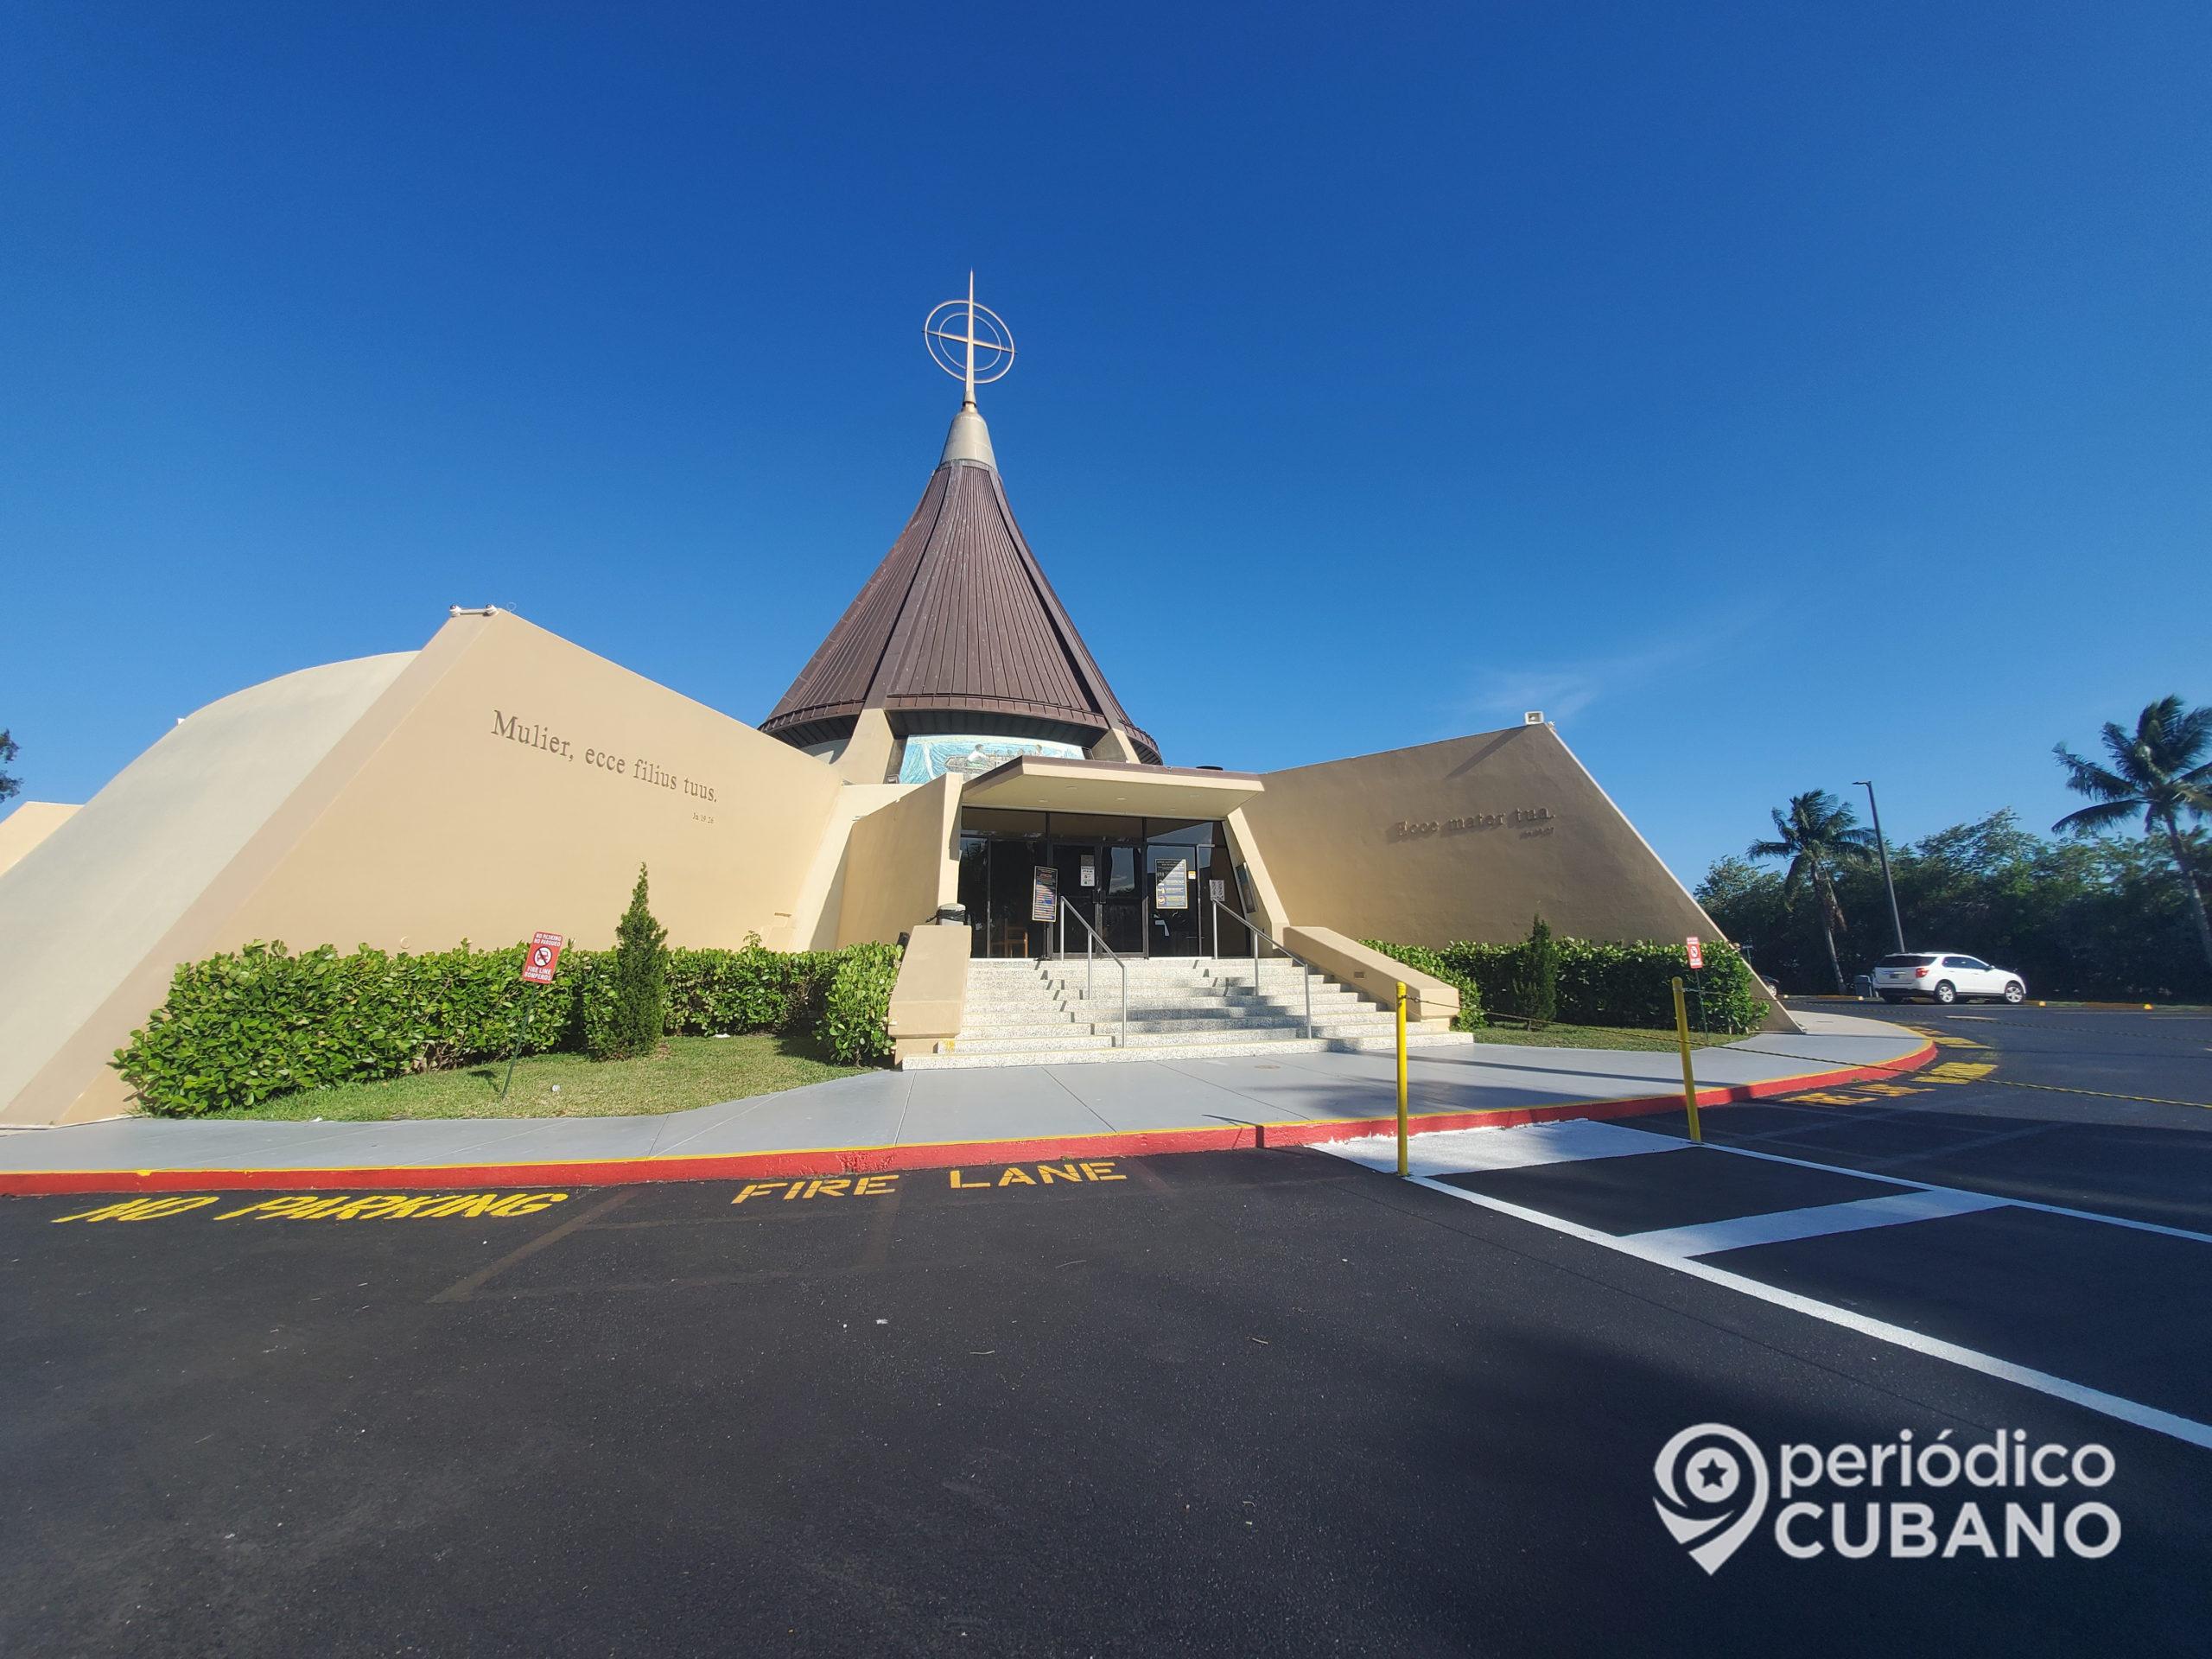 Noticias de Cuba hoy: Ermita de la virgen de la caridad en miami (5)